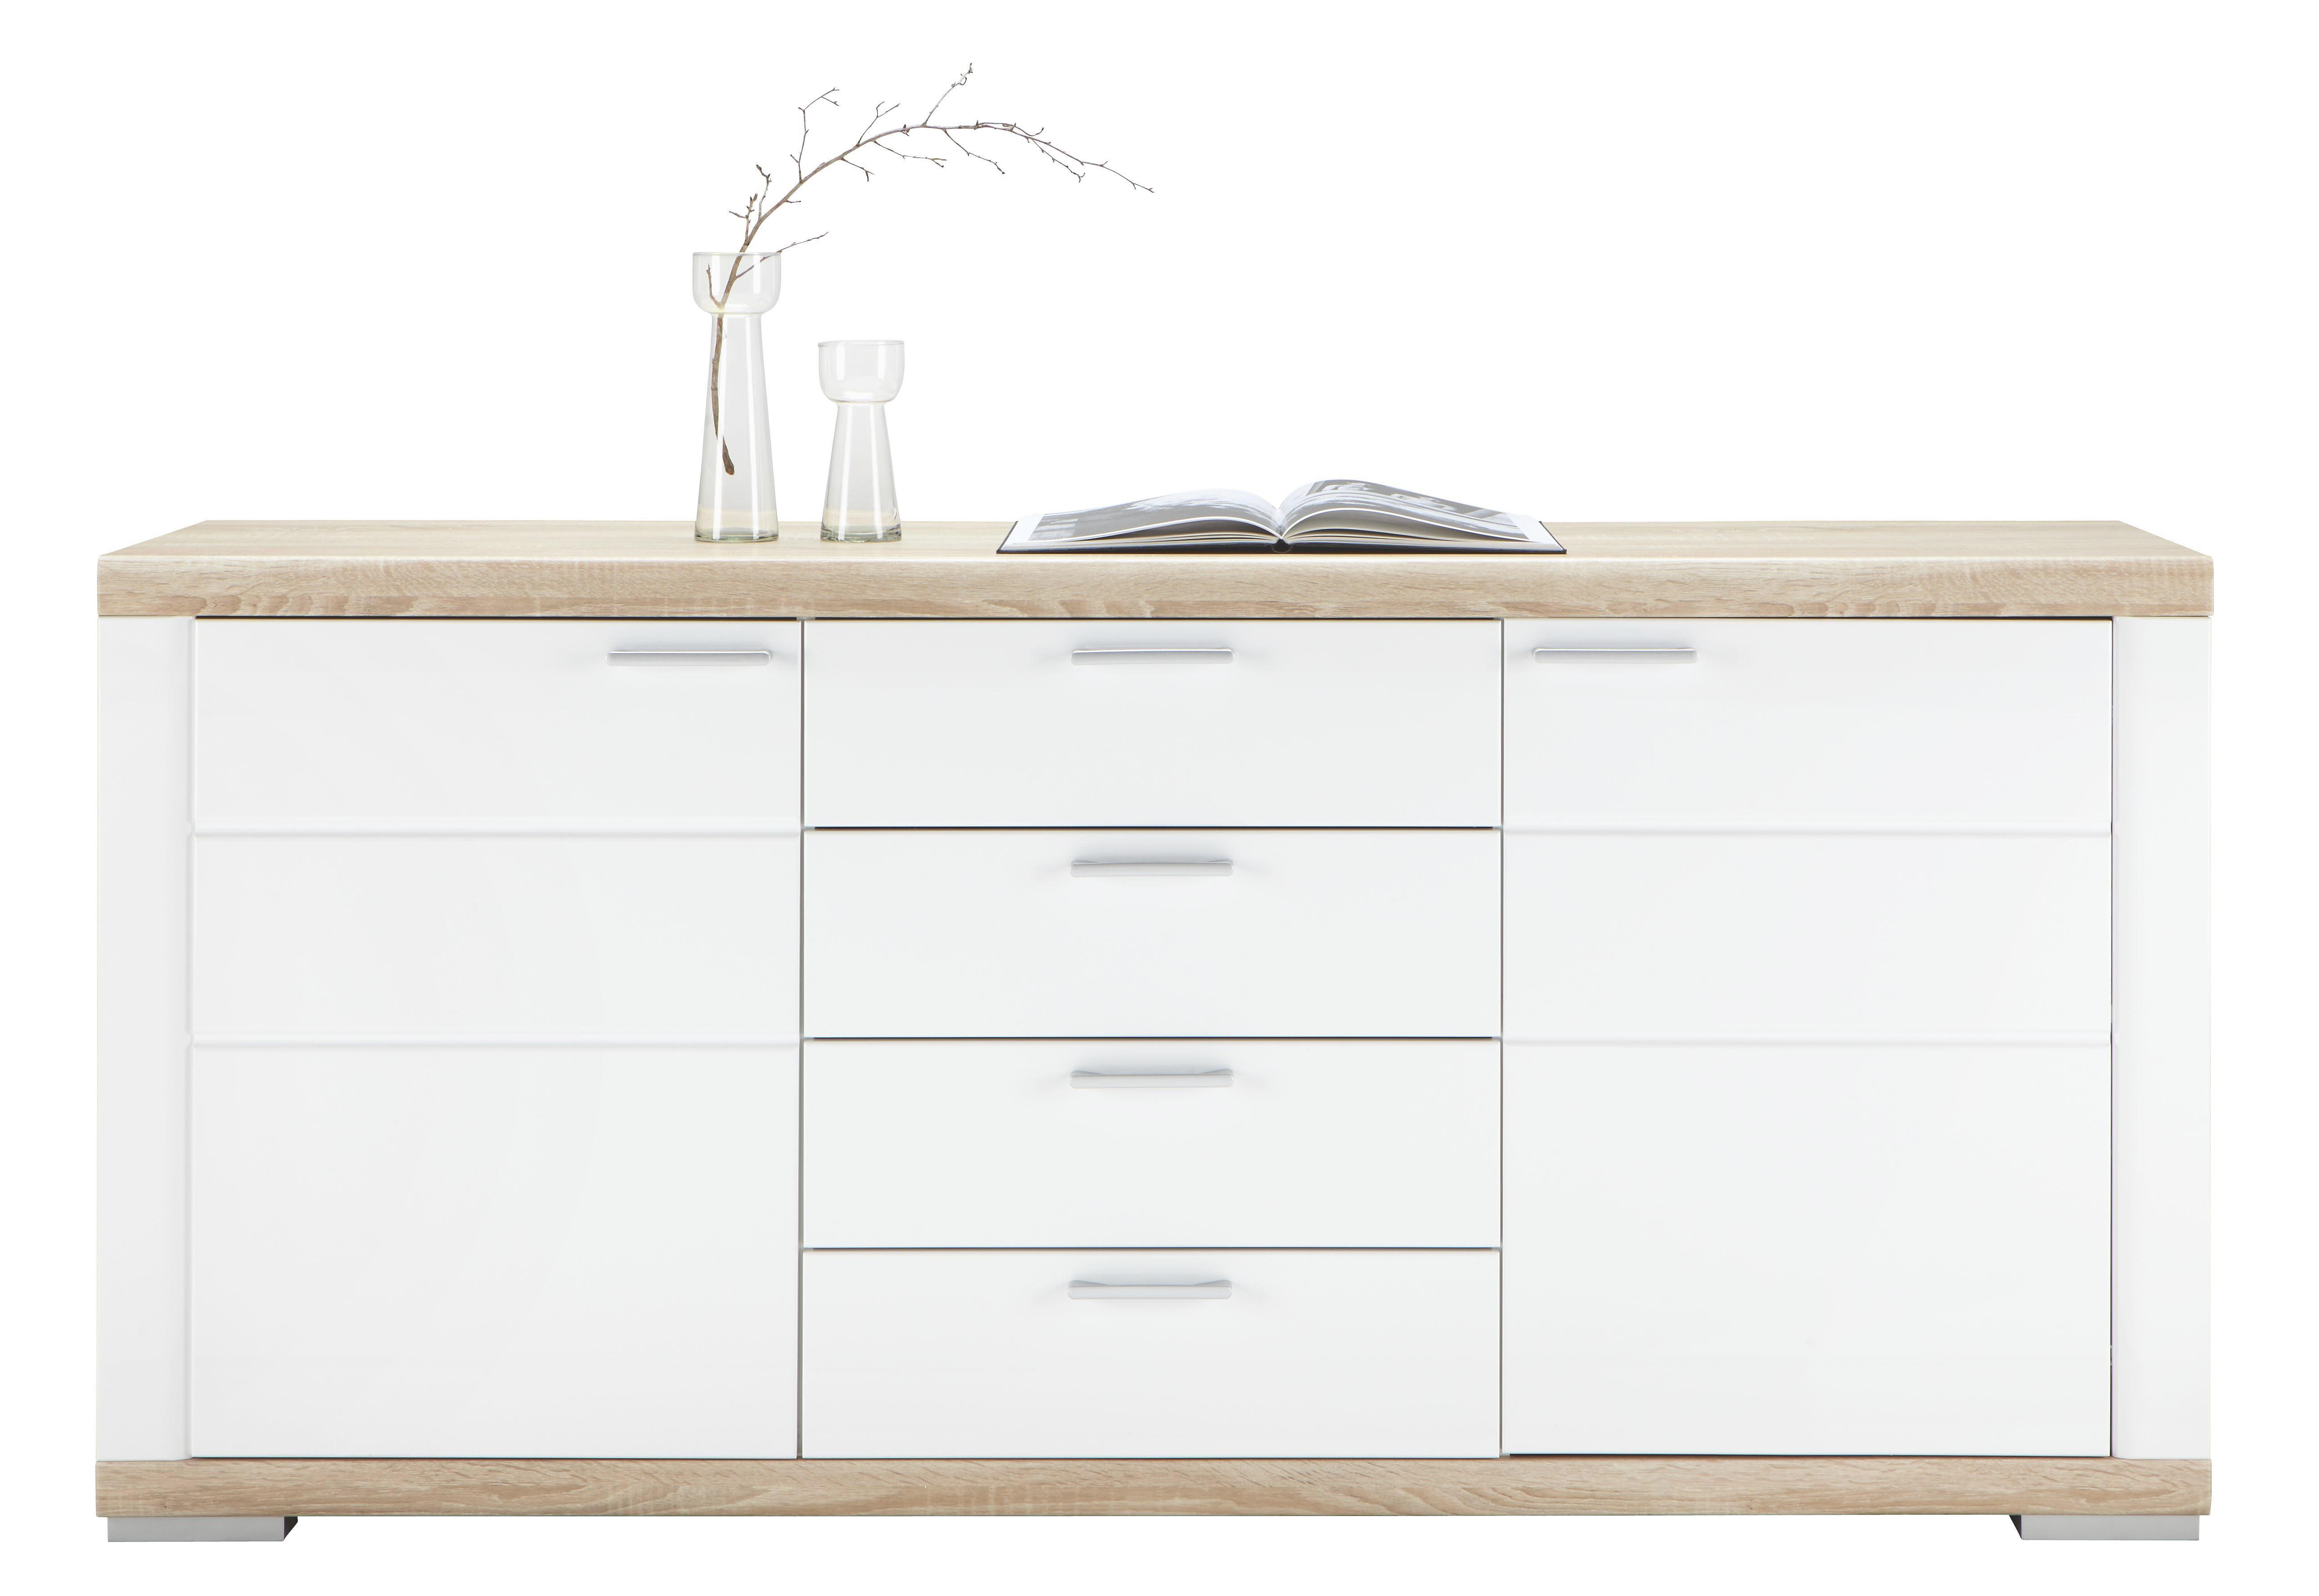 Sideboard in Weiß Hochglanz - Weiß/Sonoma Eiche, MODERN, Holz (180/84/43cm) - PREMIUM LIVING